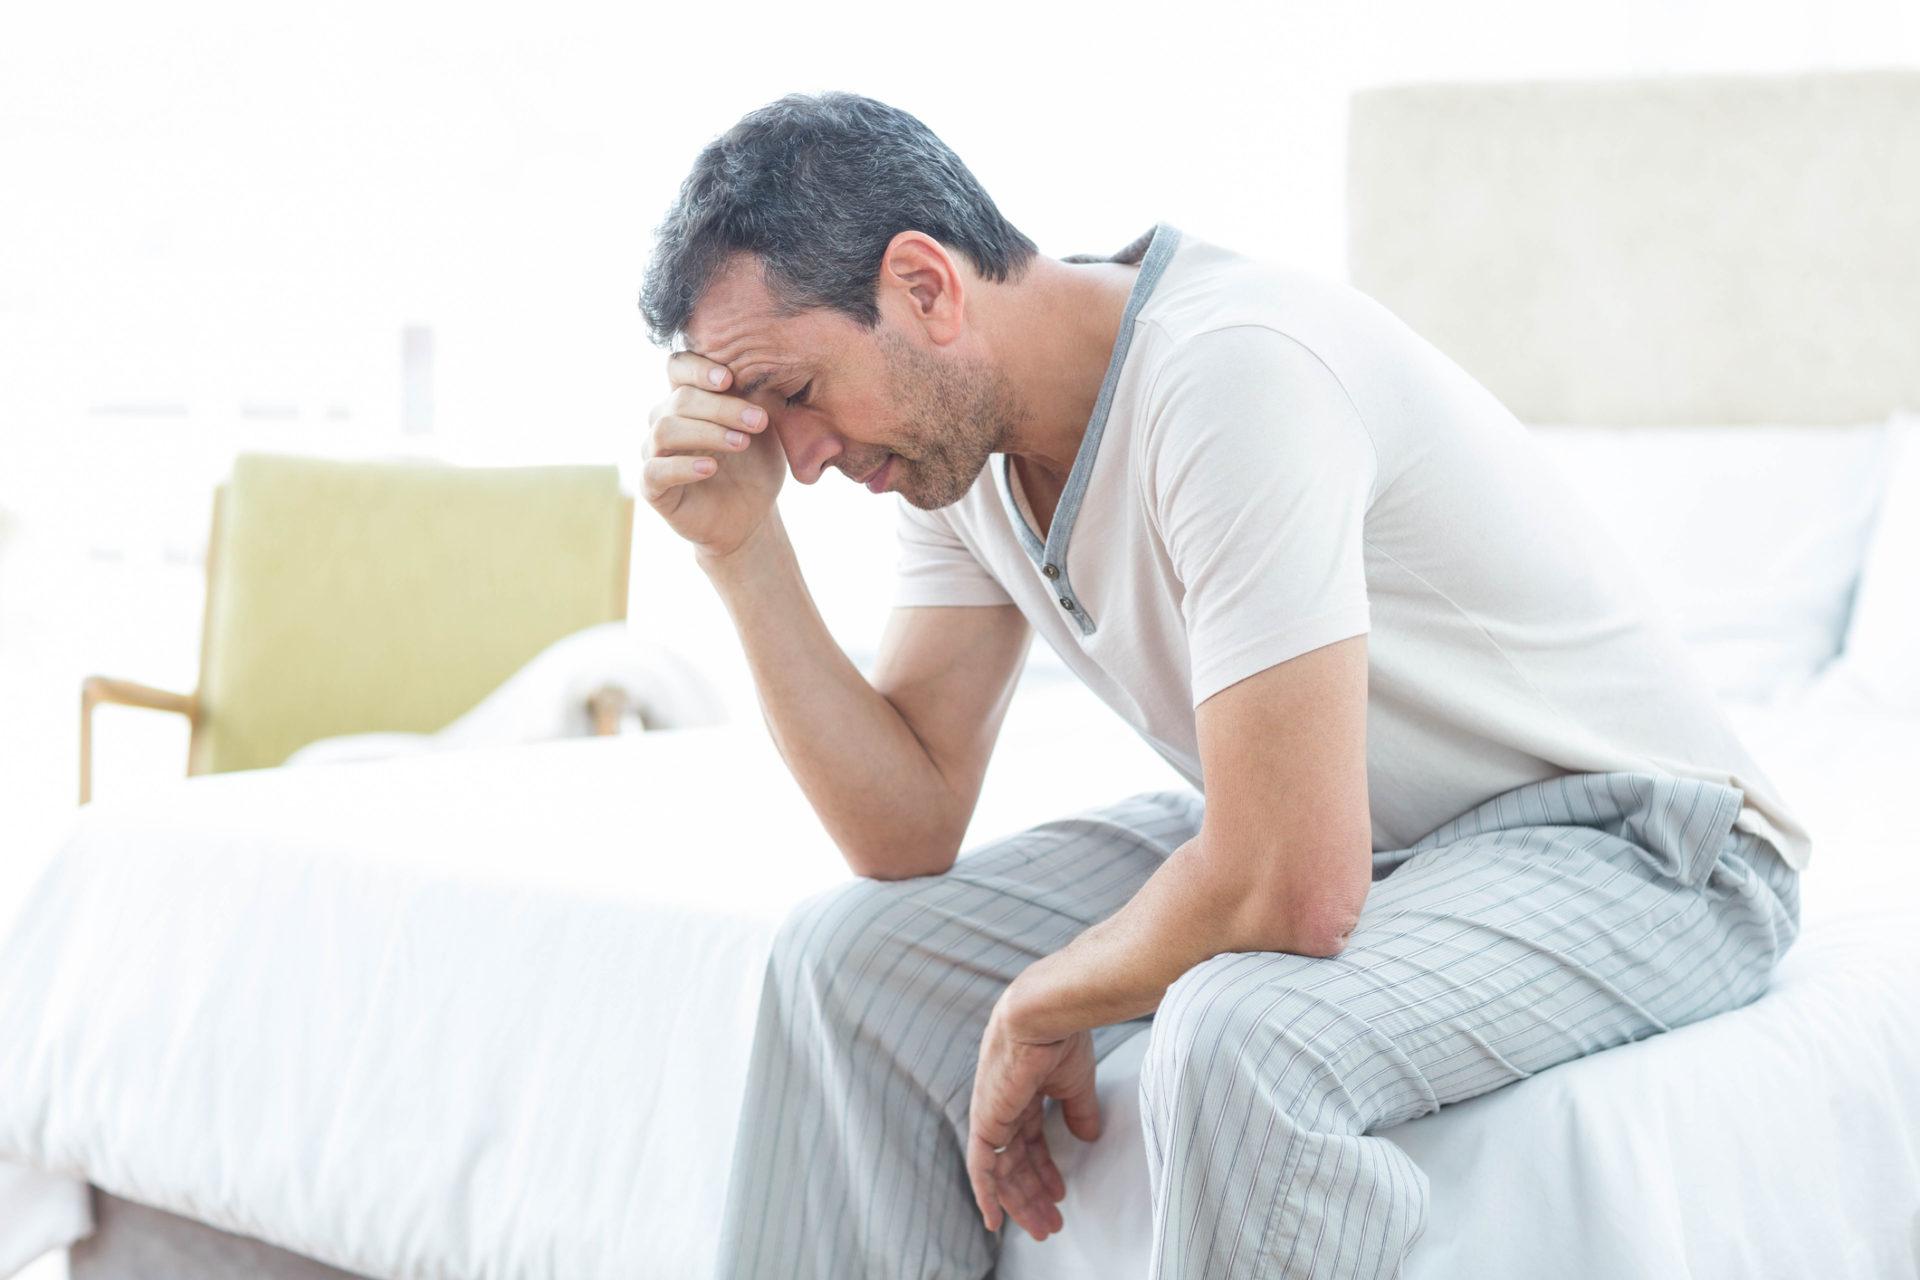 Мужчина с простатитом фото для профилактики простатита простамол